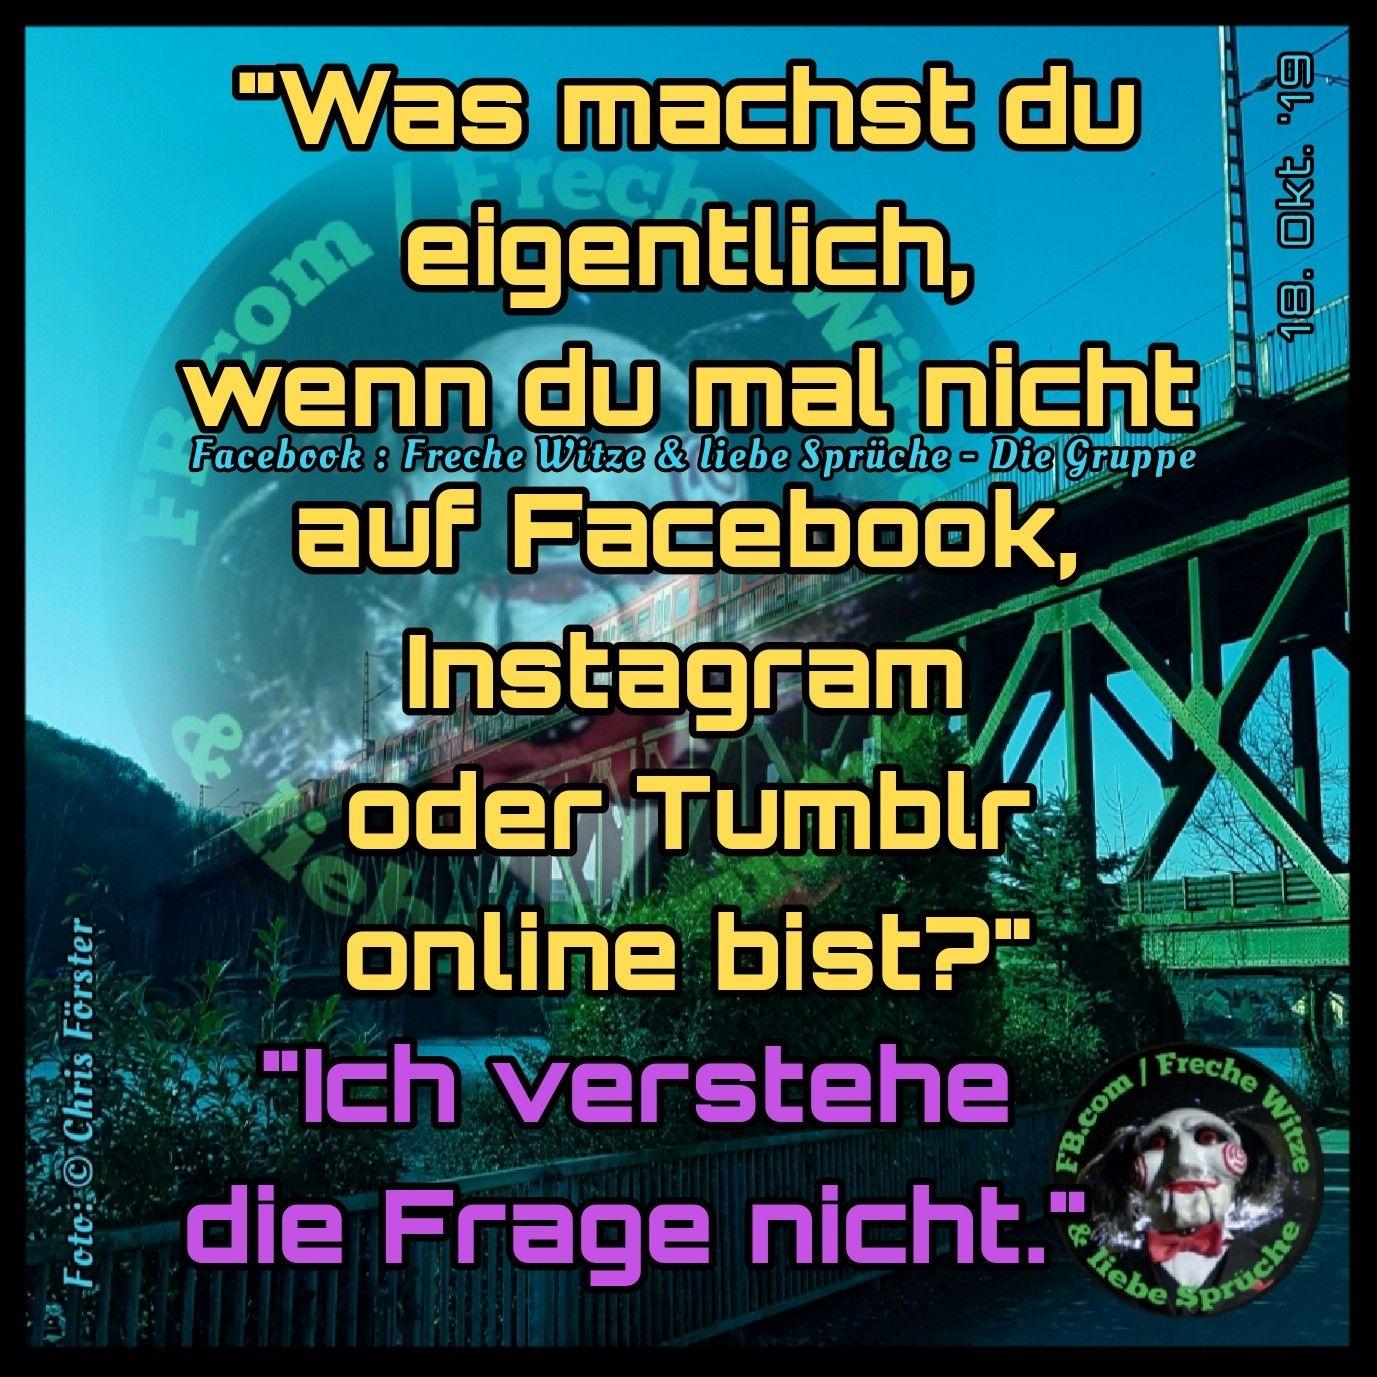 Facebook : Freche Witze & liebe Sprüche - Die Gruppe #